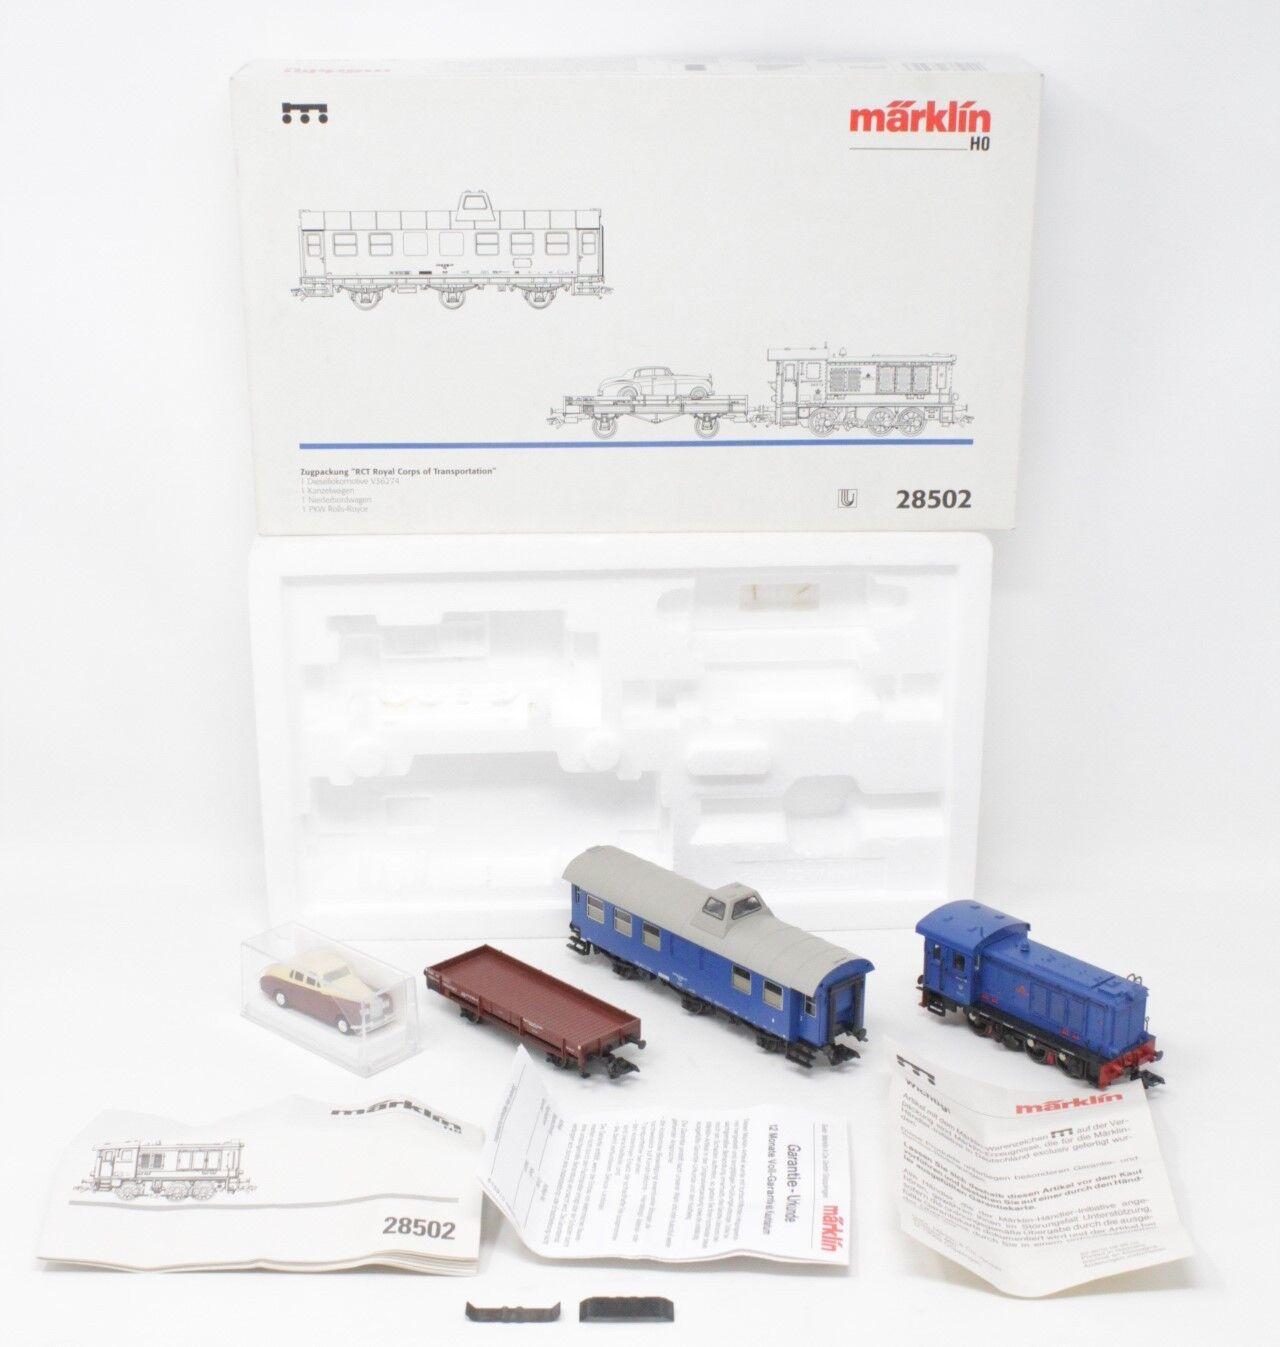 Marklin h0 48792 set of 2 freight wagons transport Beer Lederer of DRG [ms3-006]